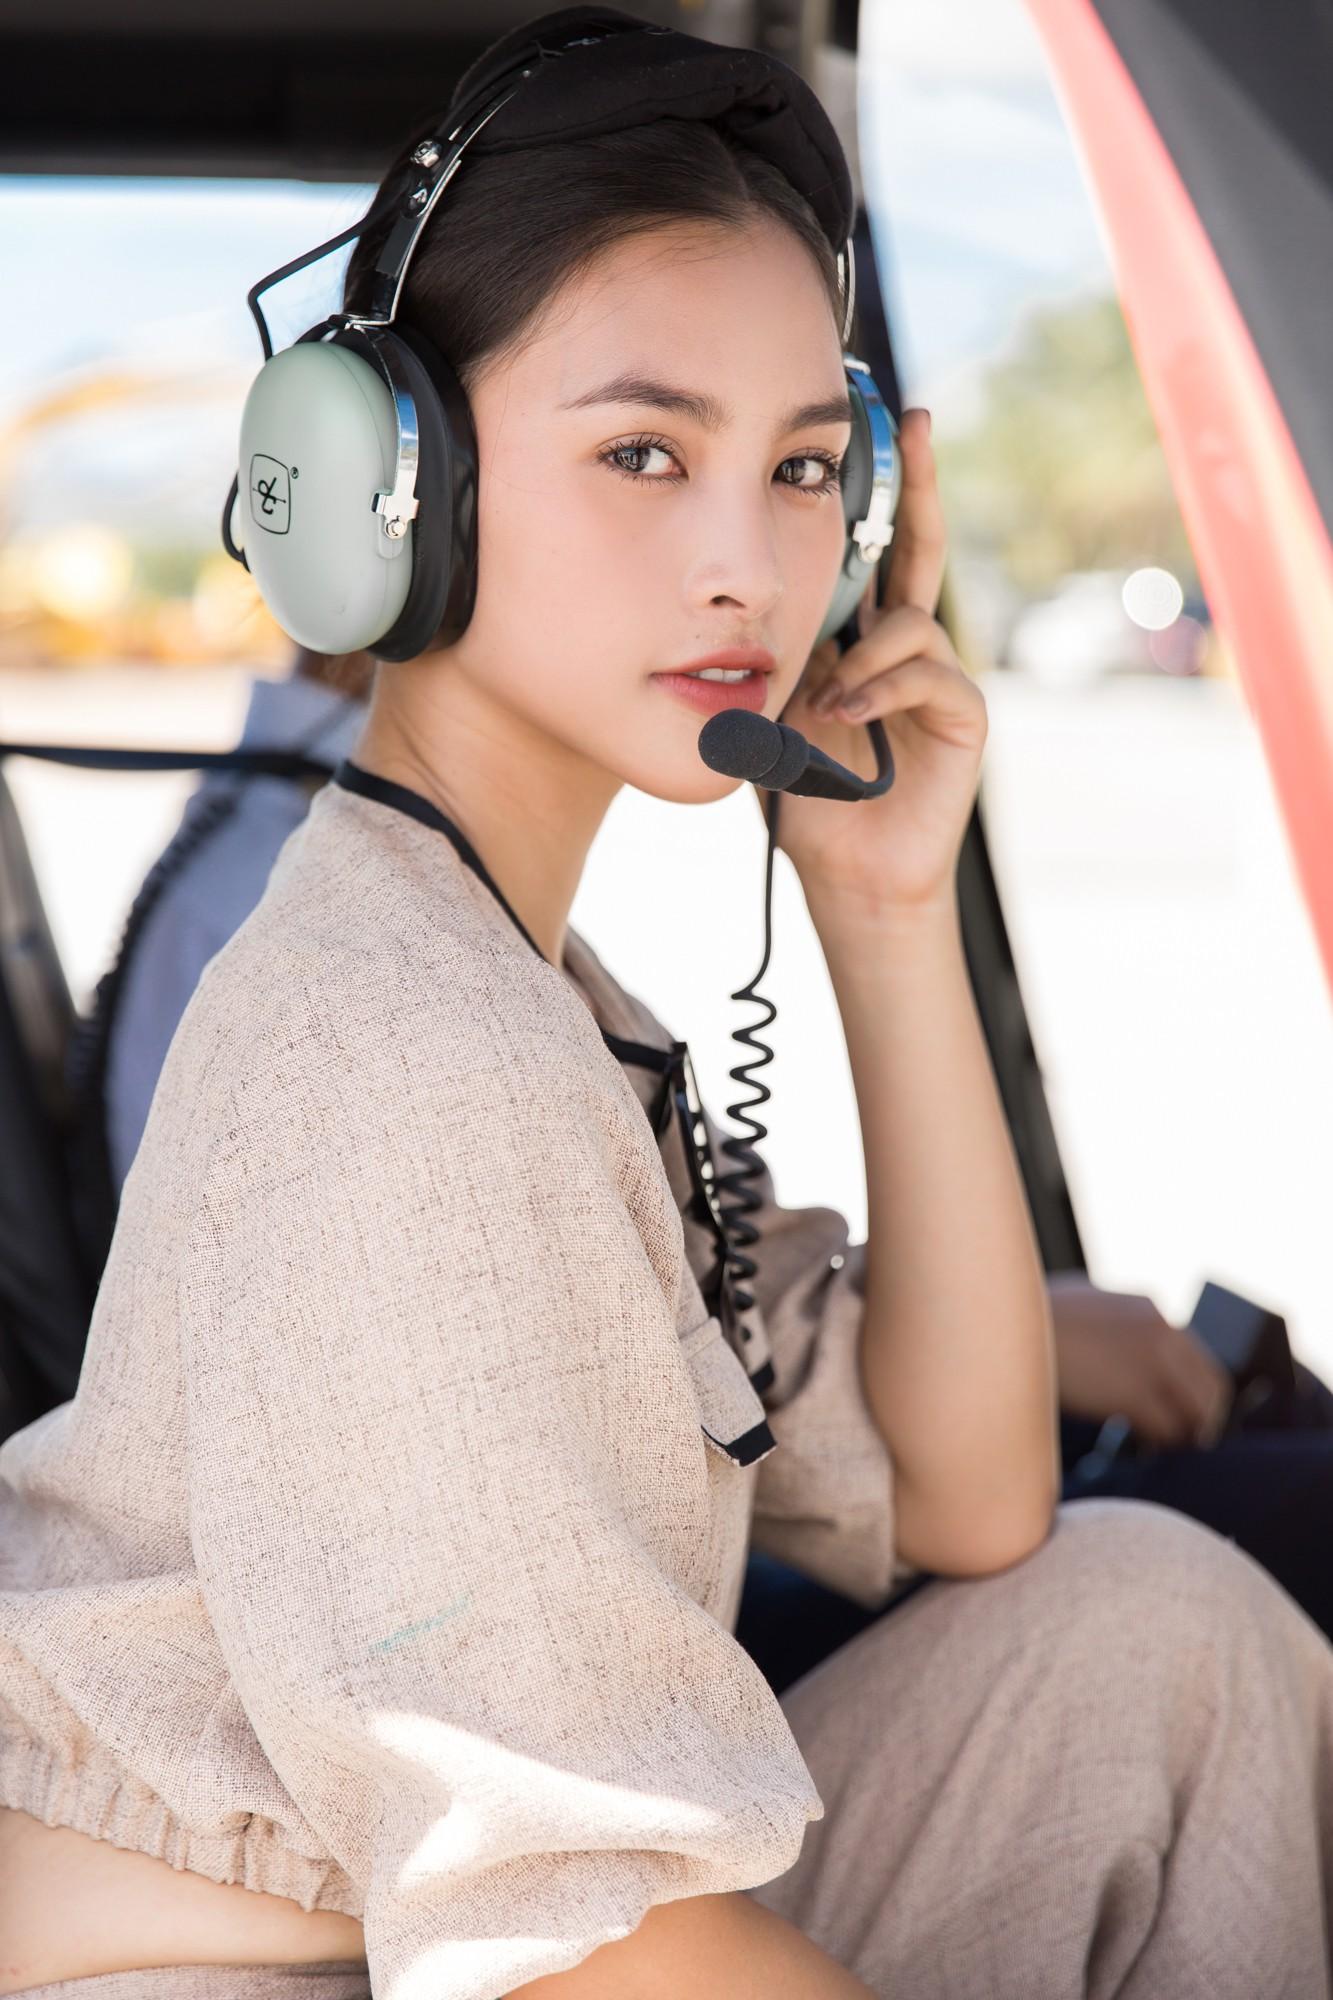 Sau tin đồn có bạn trai, Đỗ Mỹ Linh tươi tắn xuất hiện đồng hành cùng thí sinh Miss World Việt trước đêm thi quan trọng - Ảnh 5.